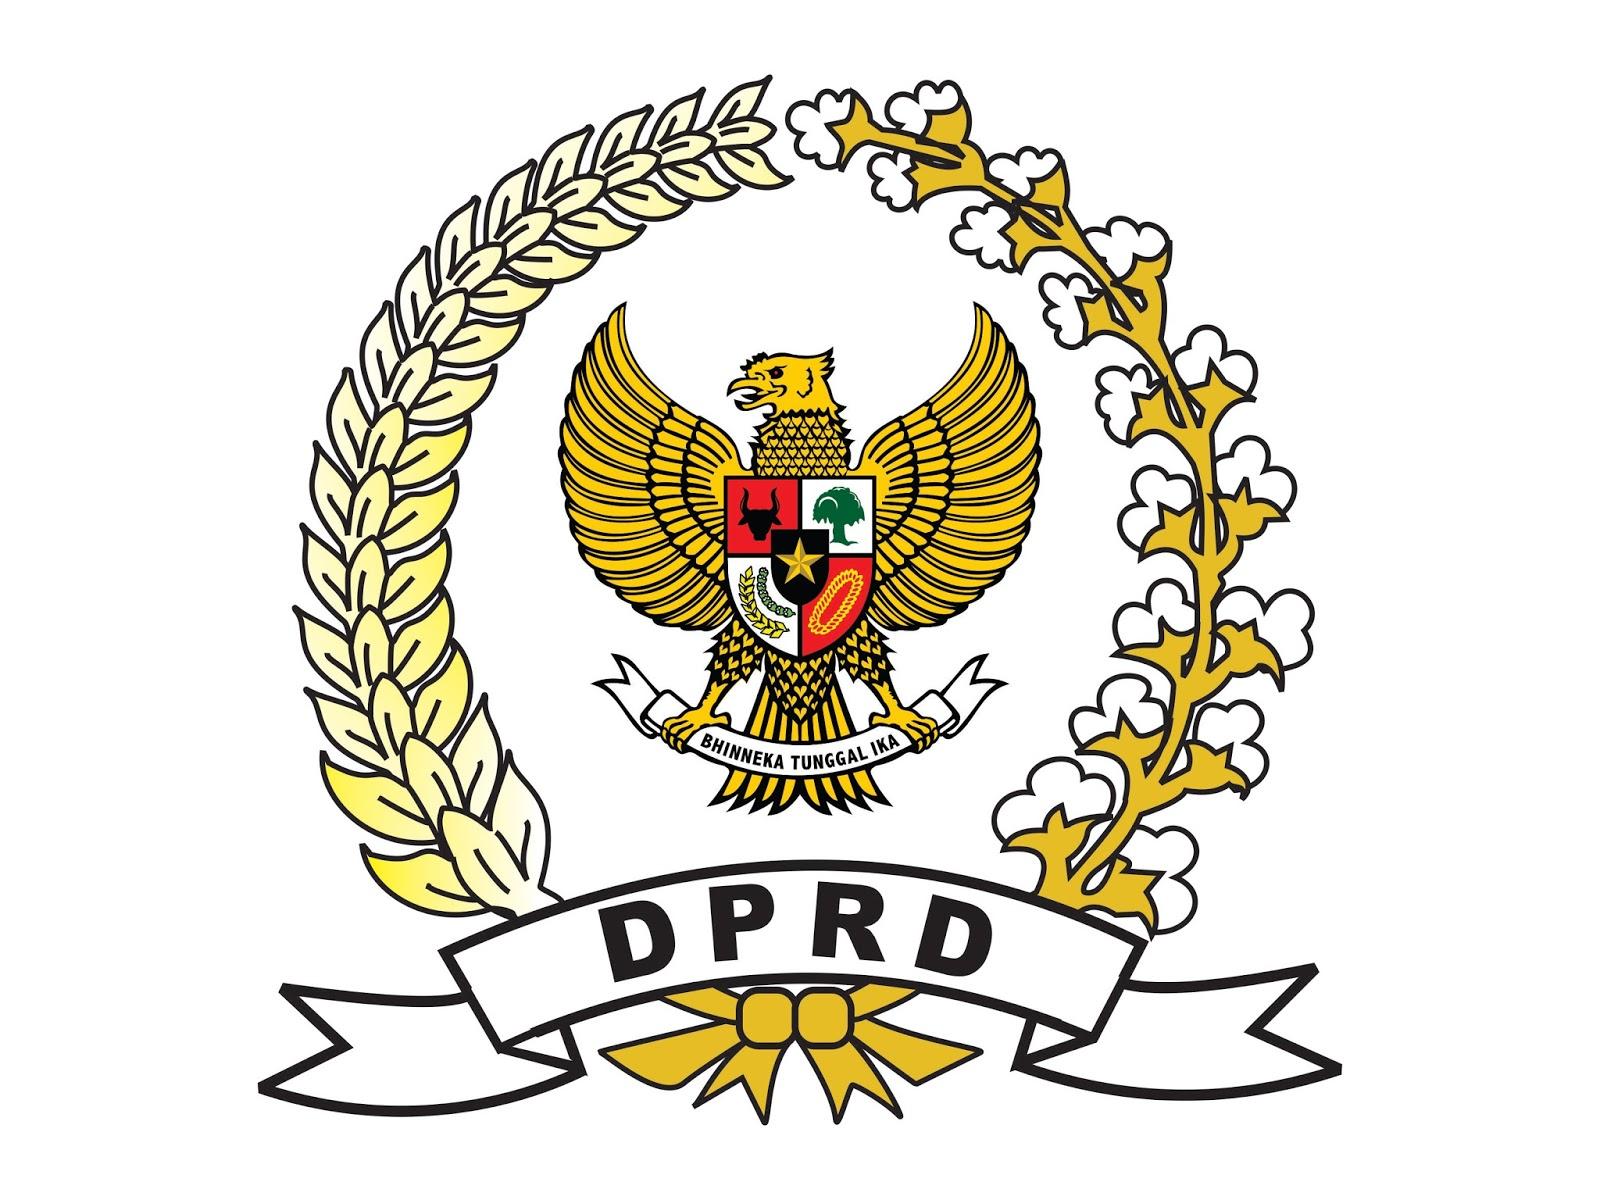 logo dprd format cdr amp png gudril logo tempatnya